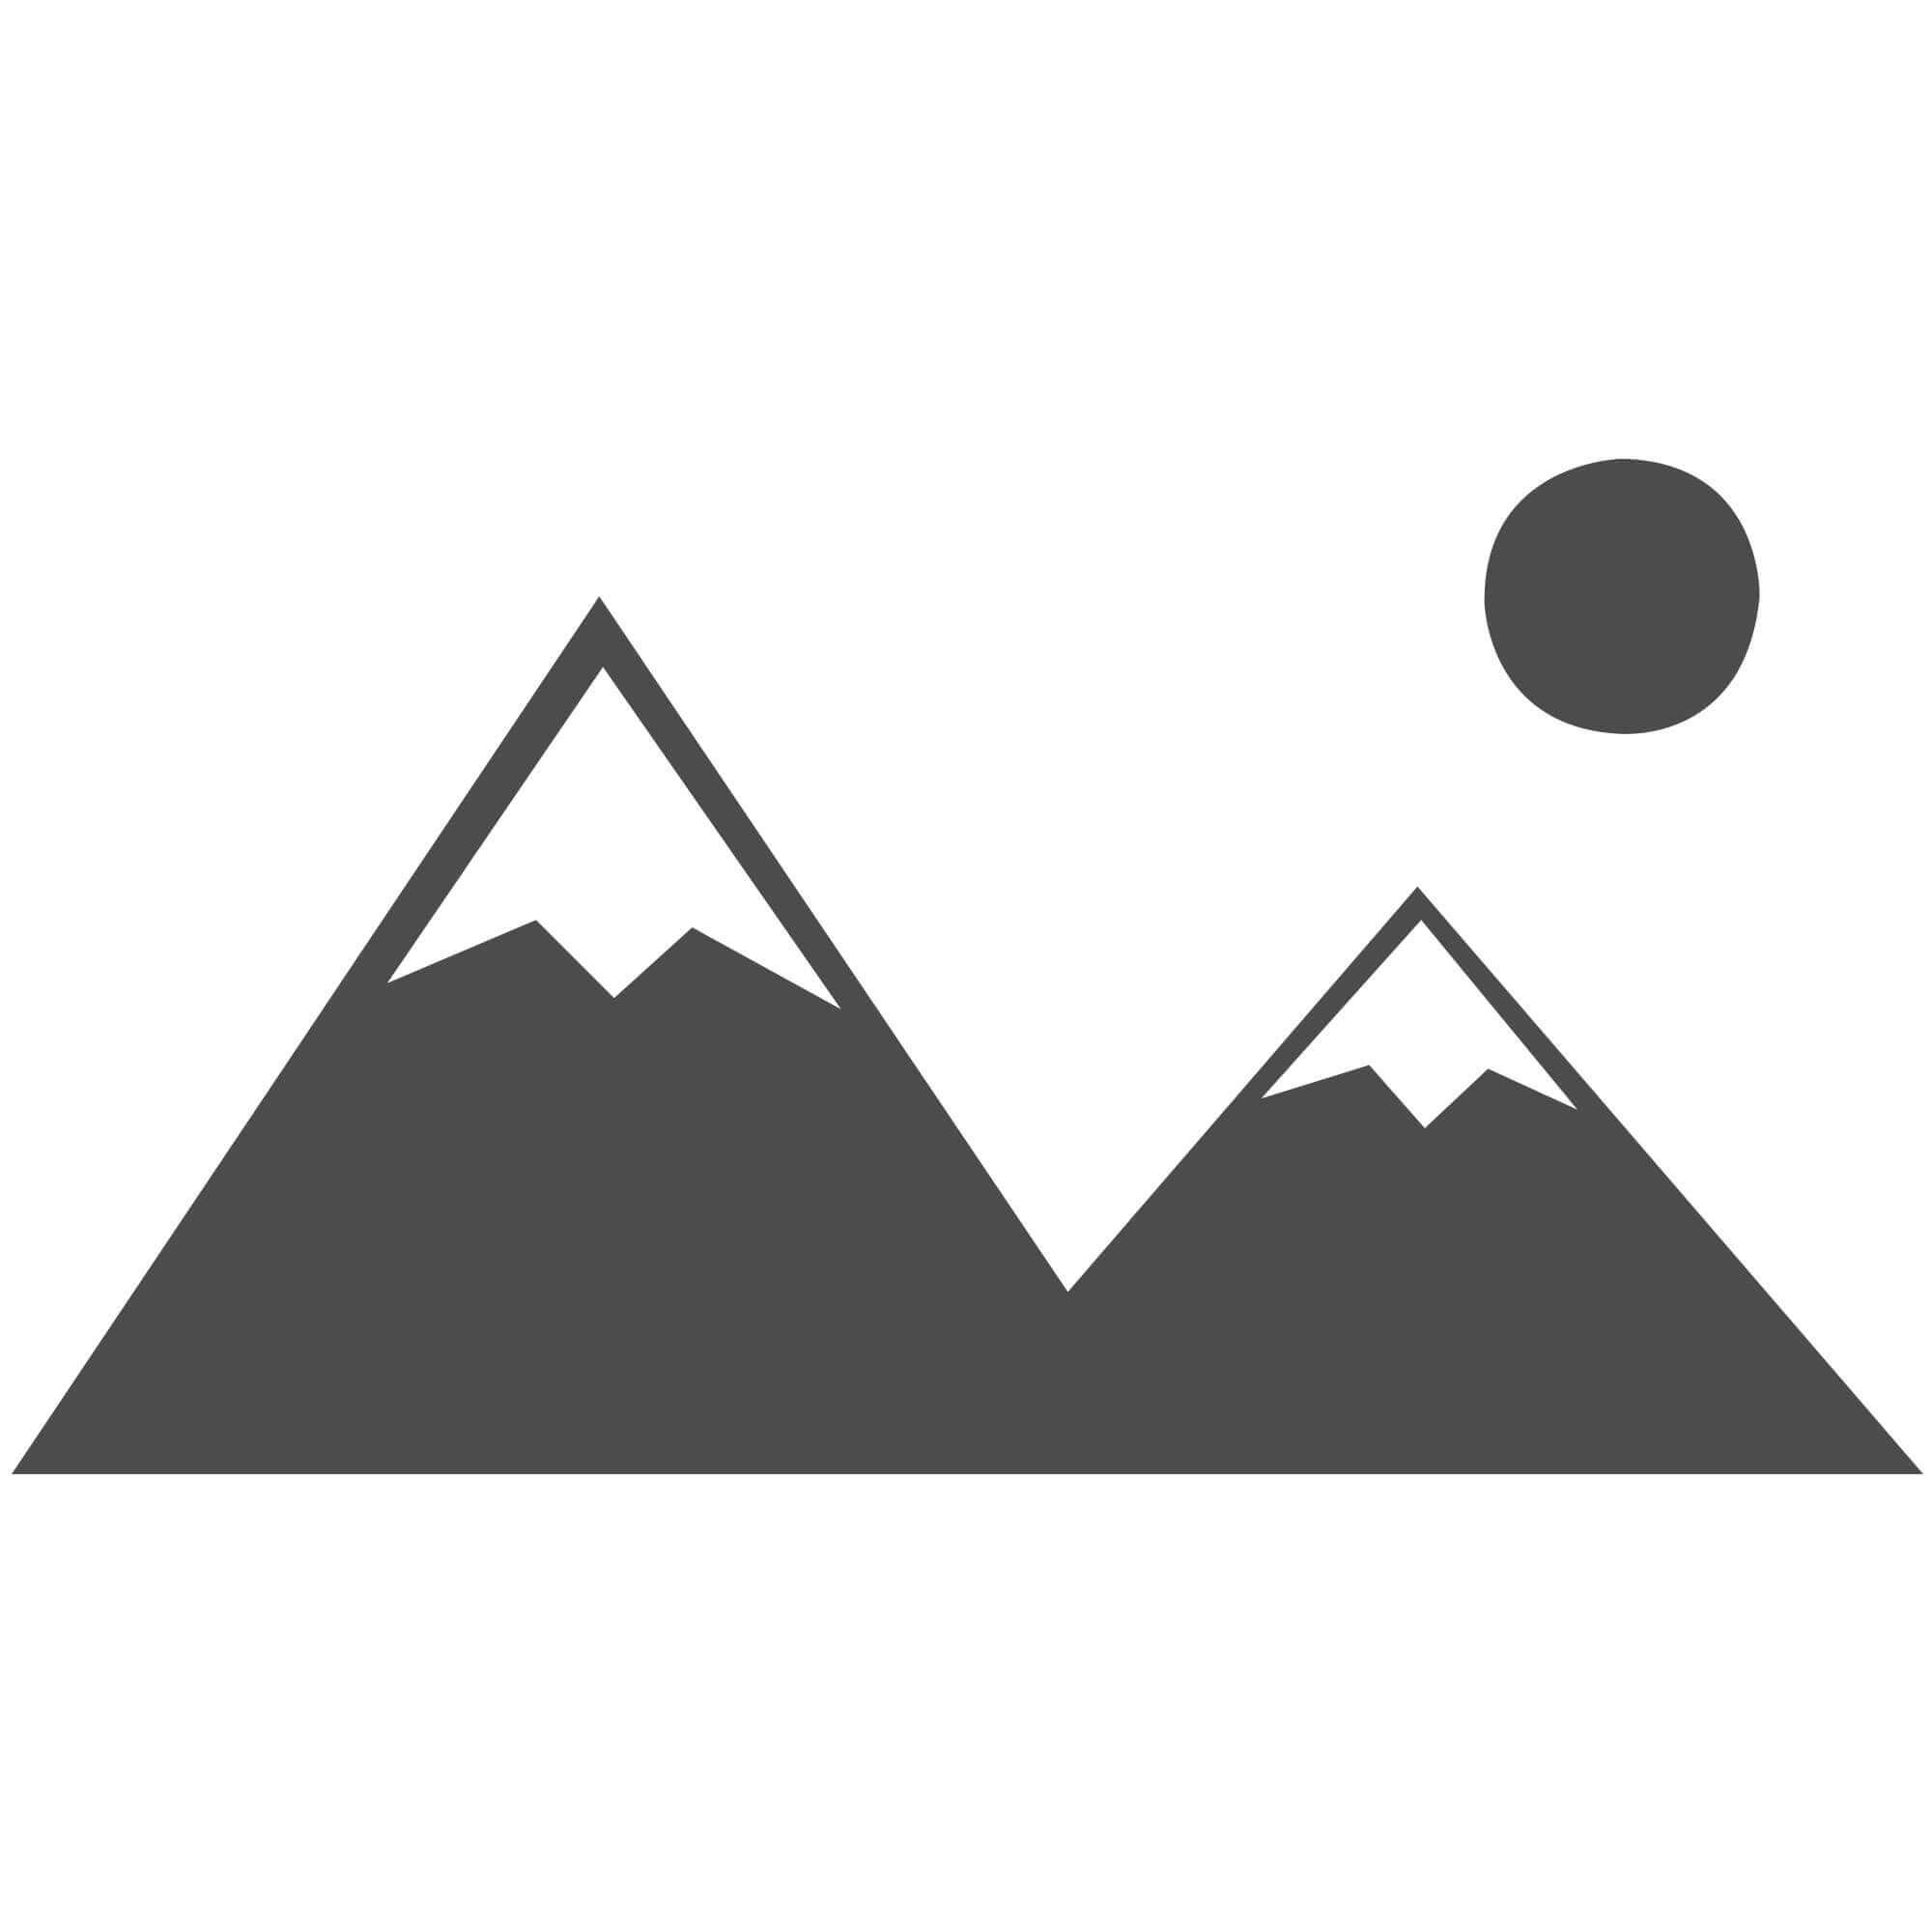 """Kashqai Afghan Turkmen Design Rug - 4346/300 - Size 80 x 150 cm (2'8"""" x 5')"""